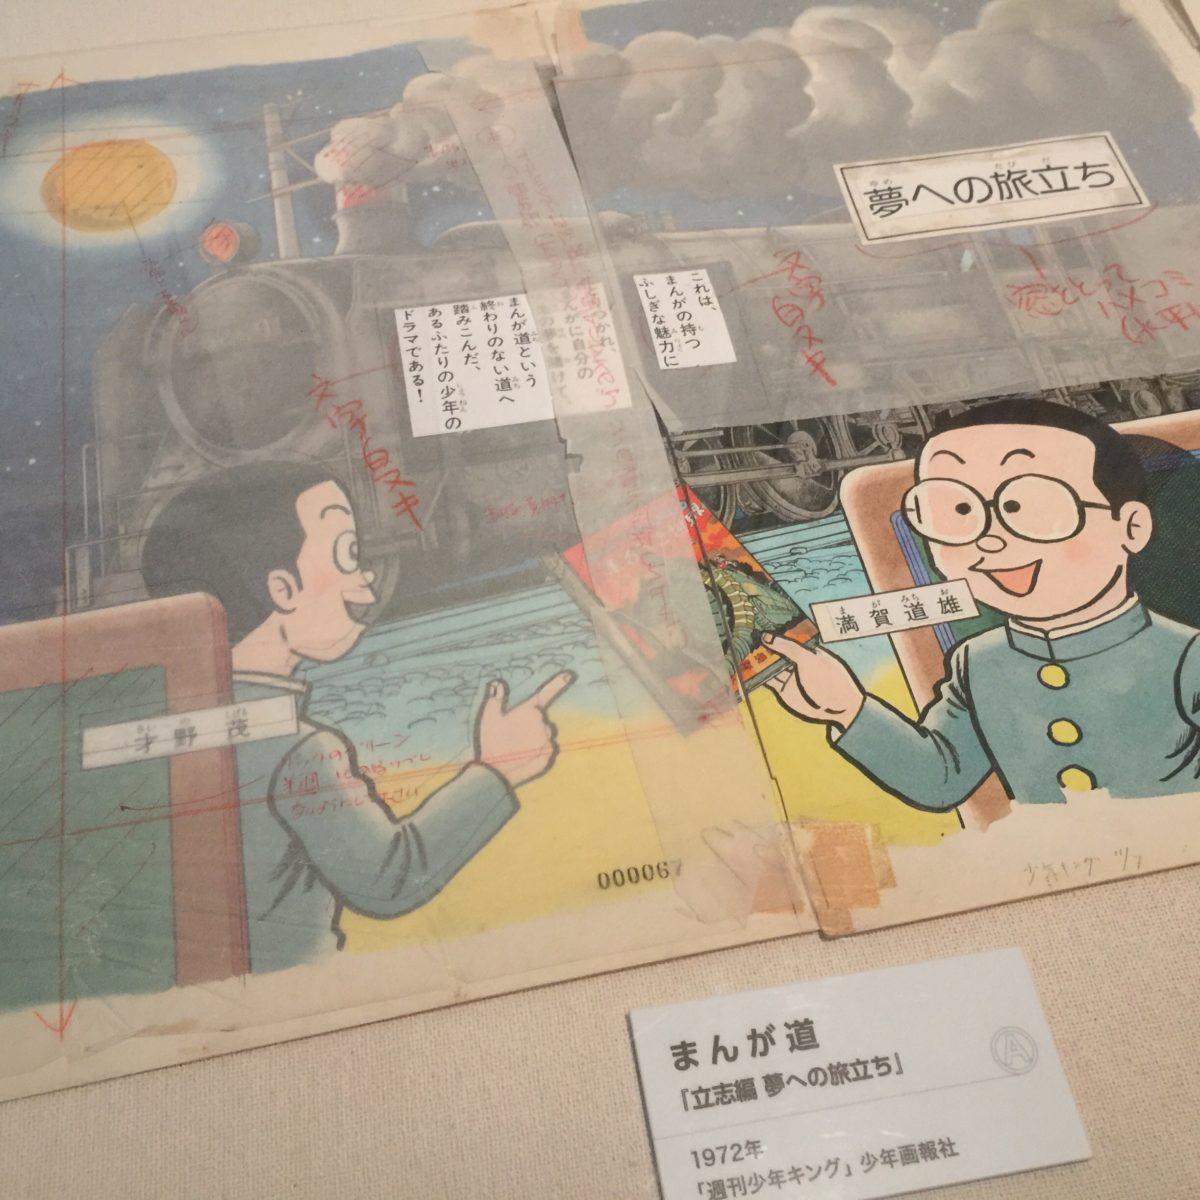 「藤子不二雄Ⓐ展」でのまんが道「夢への旅立ち」